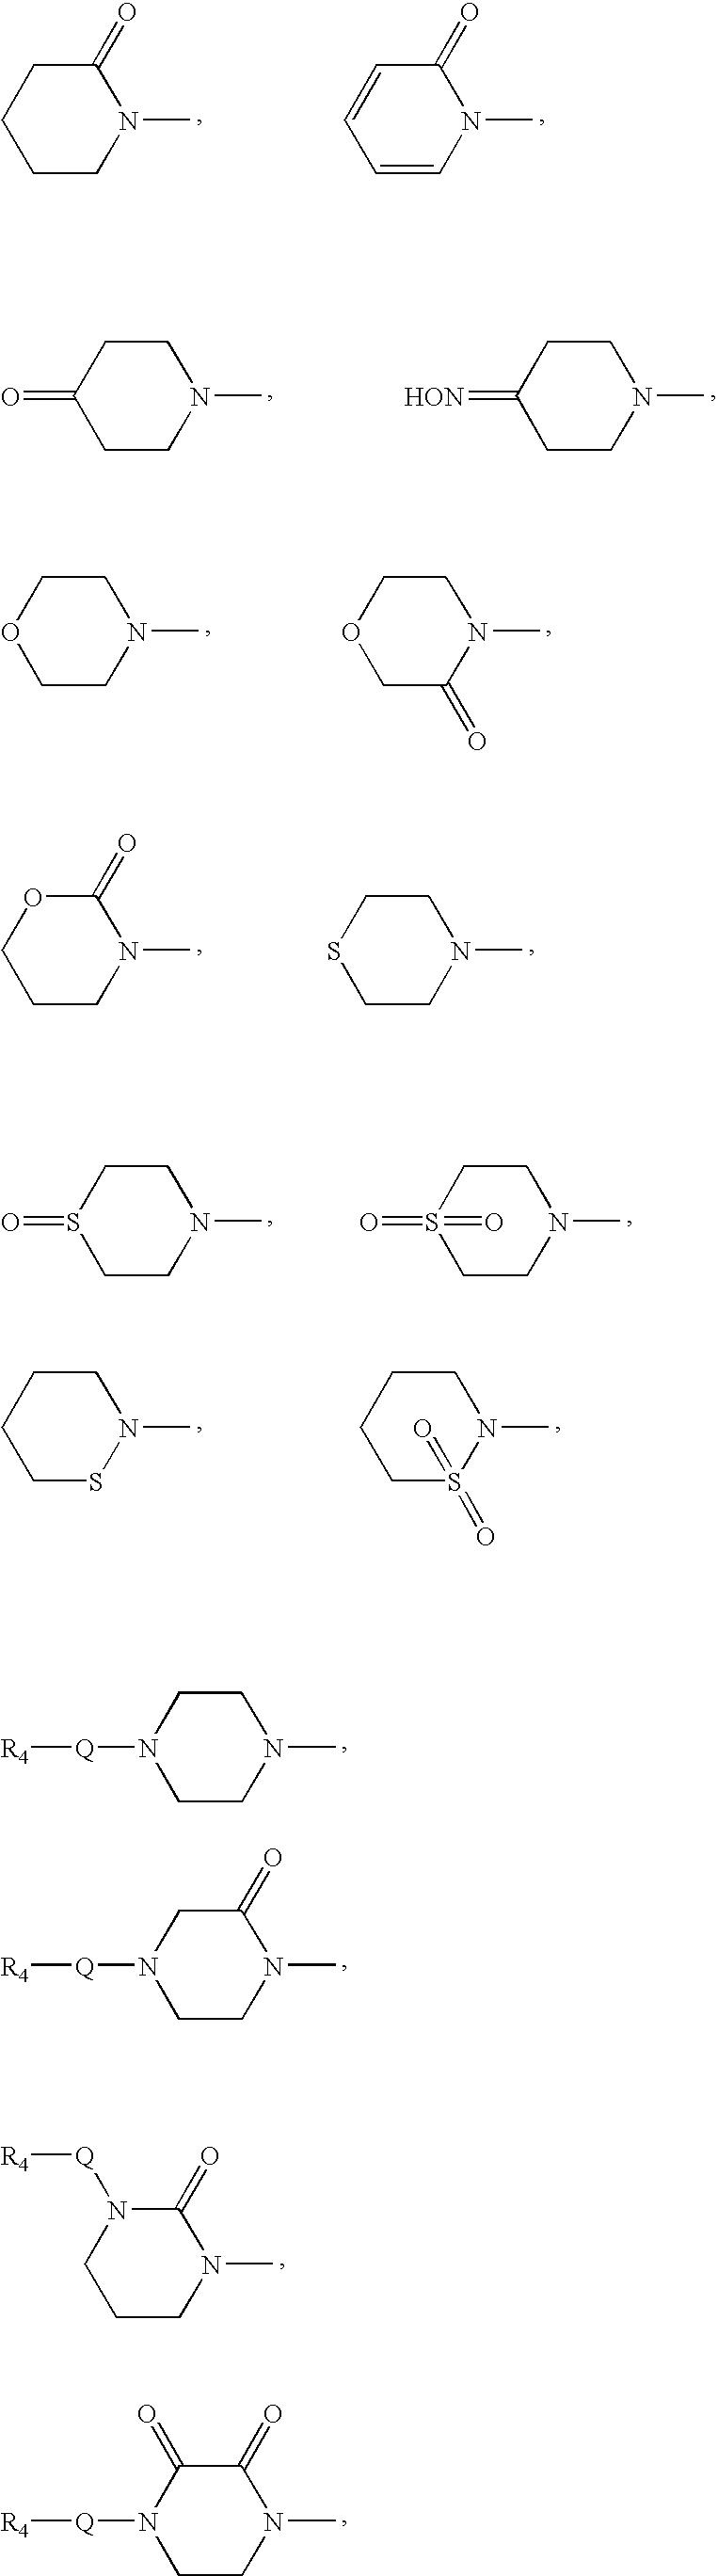 Figure US20070213356A1-20070913-C00065